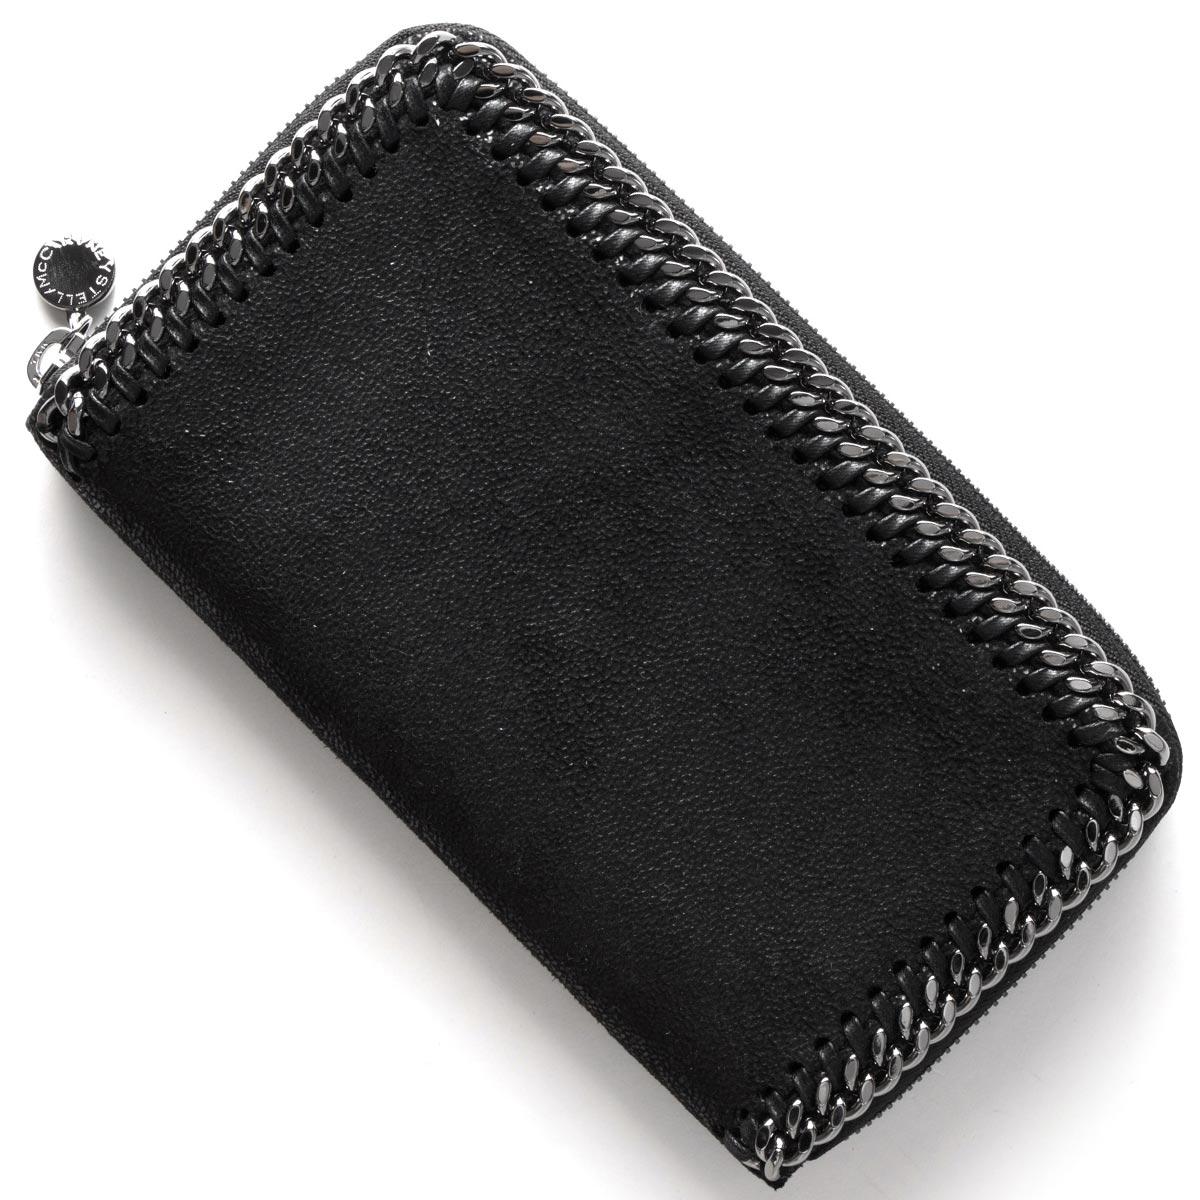 ステラマッカートニー 長財布 財布 レディース ファラベラ FALABELLA ブラック 434750 W9132 1000 STELLA McCARTHNEY